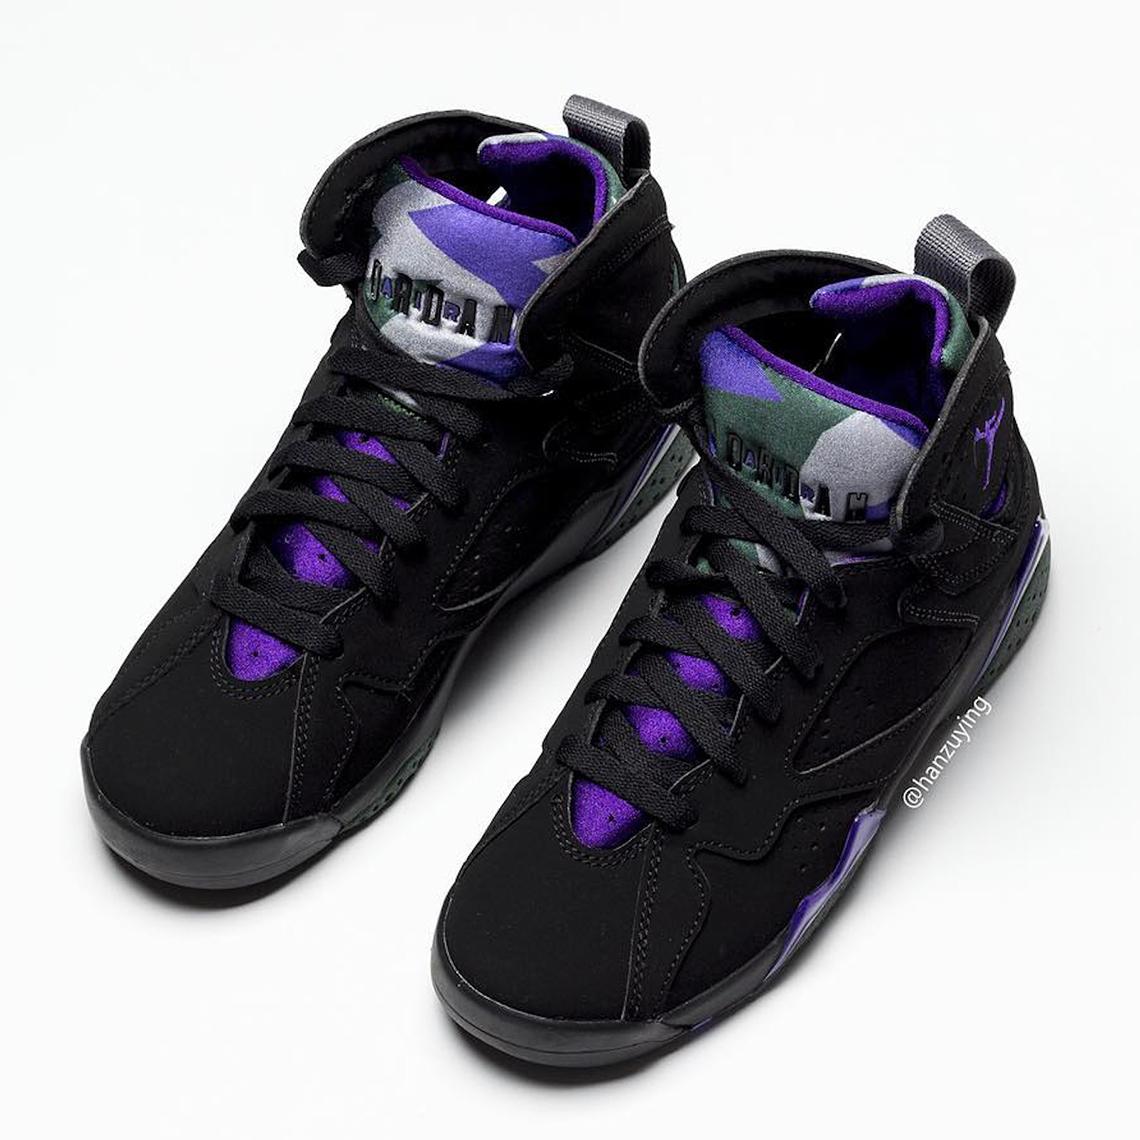 1cfdad966ef Jordan 7 Bucks Ray Allen 304775-053 Release Date | SneakerNews.com